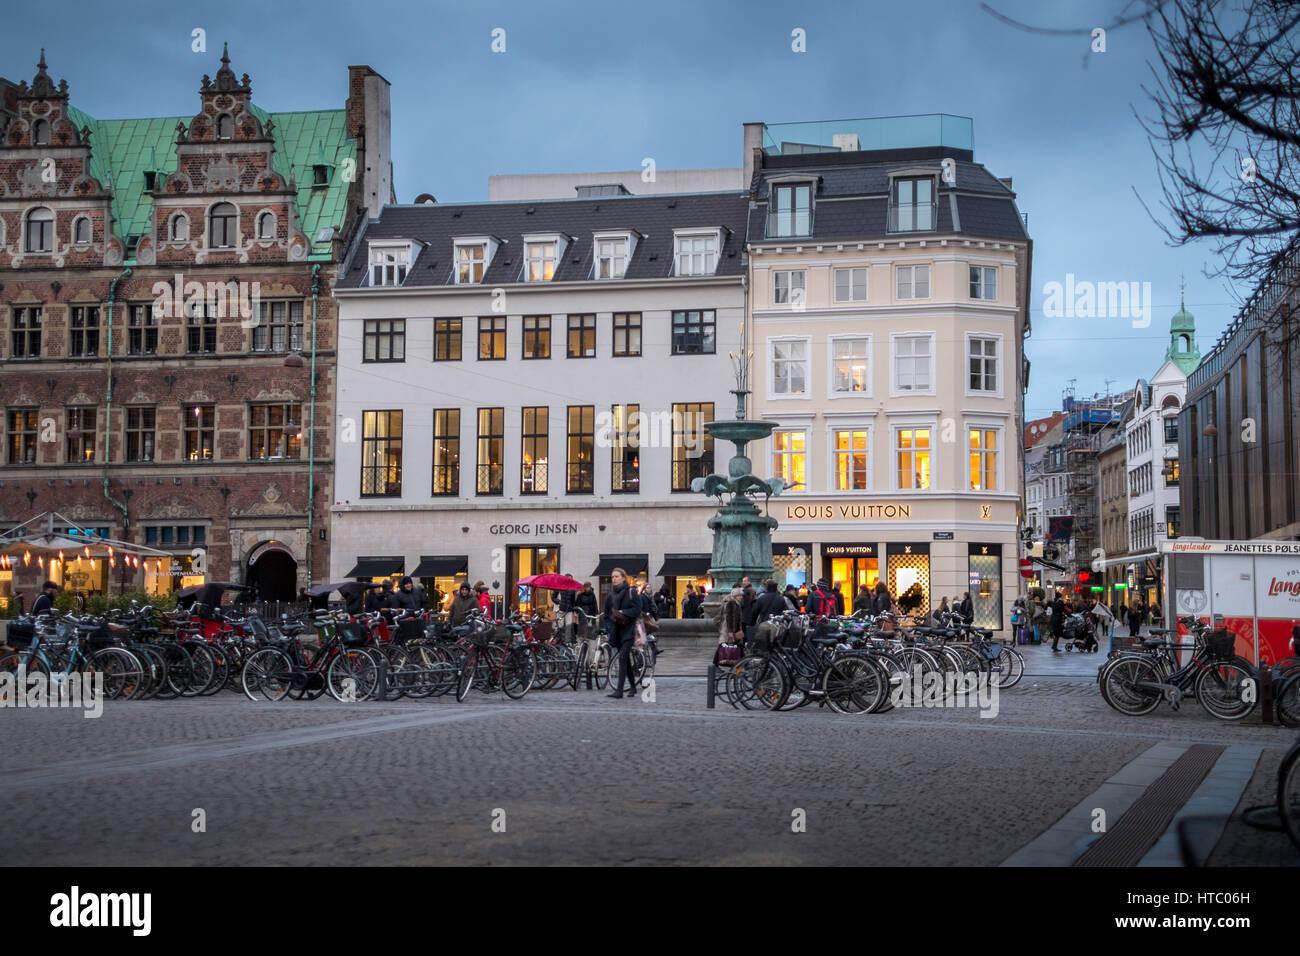 Strøget at dusk by The Stork Fountain, Copenhagen's main shopping street. - Stock Image